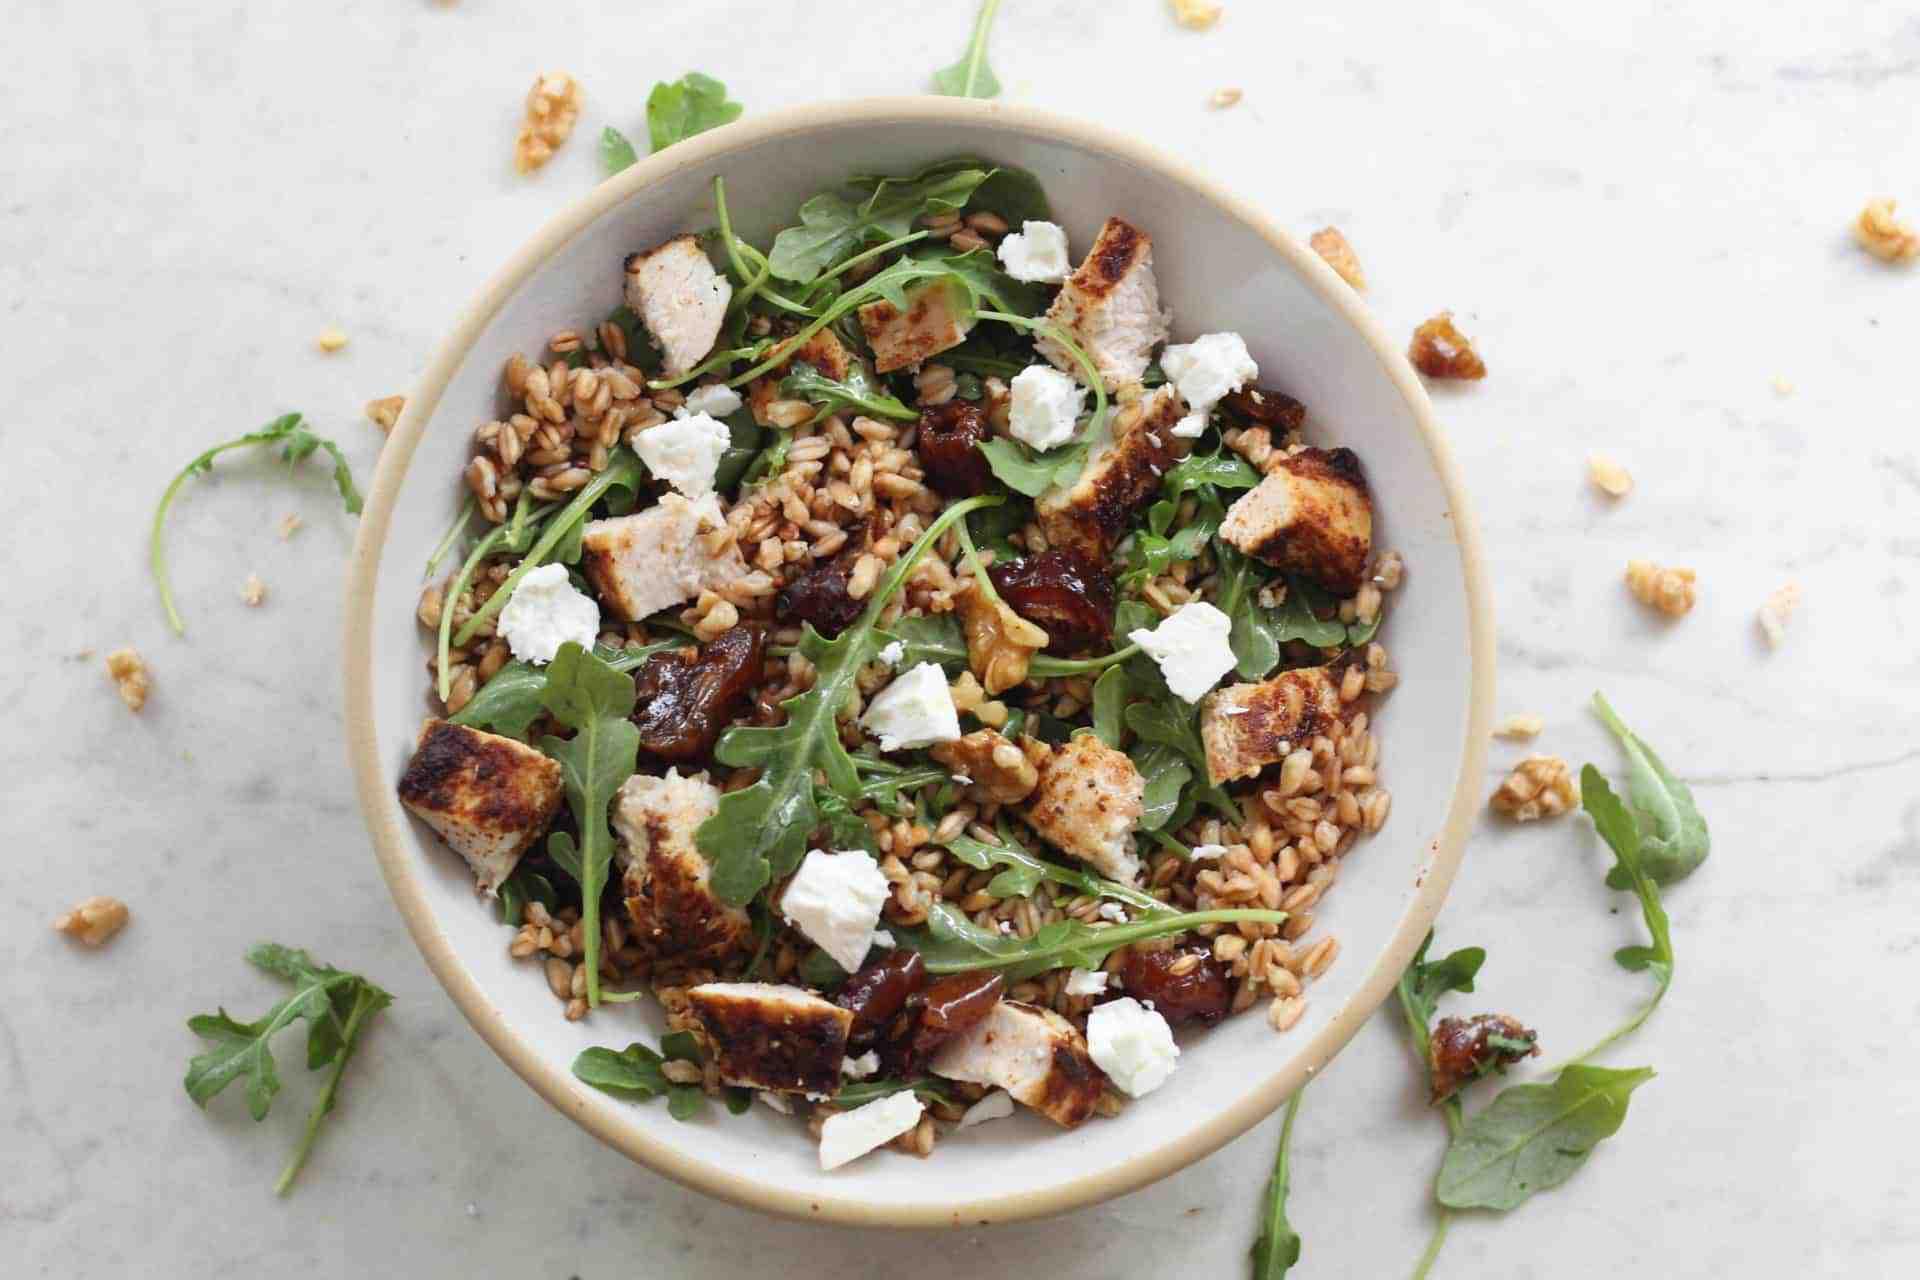 Salads, Lunch, Dinner, Chicken, Farro, Whole Grains, Mediterranean, Mediterranean diet, Quick & Easy